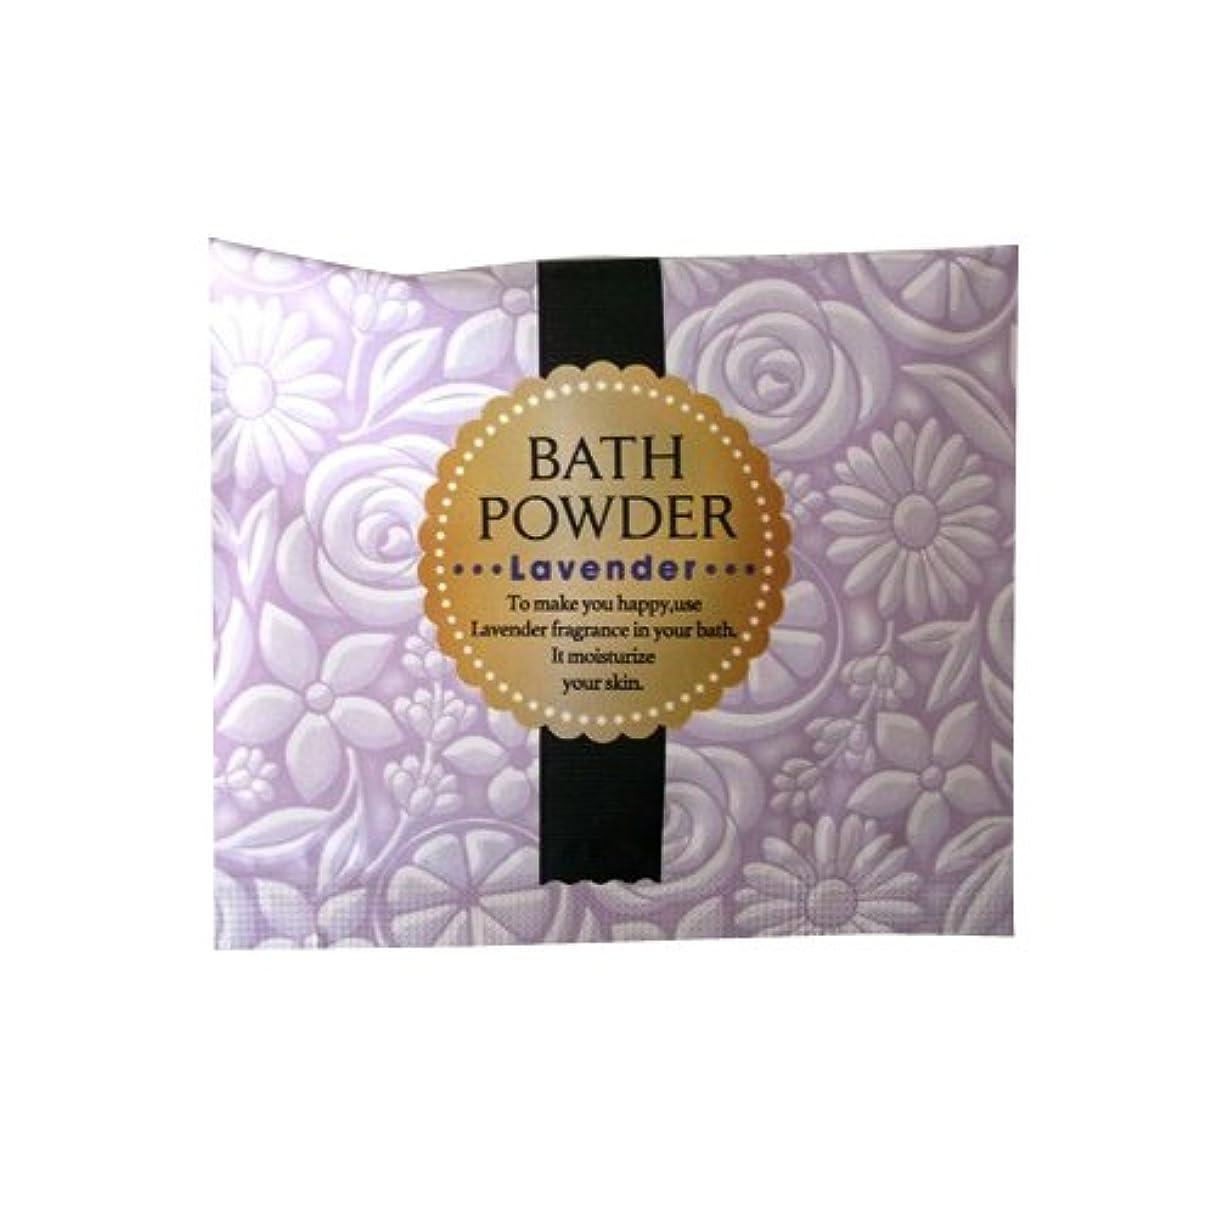 ダイエットどうやって本入浴剤 LUCKY BATH (ラッキーバス) 25g ラベンダーの香り